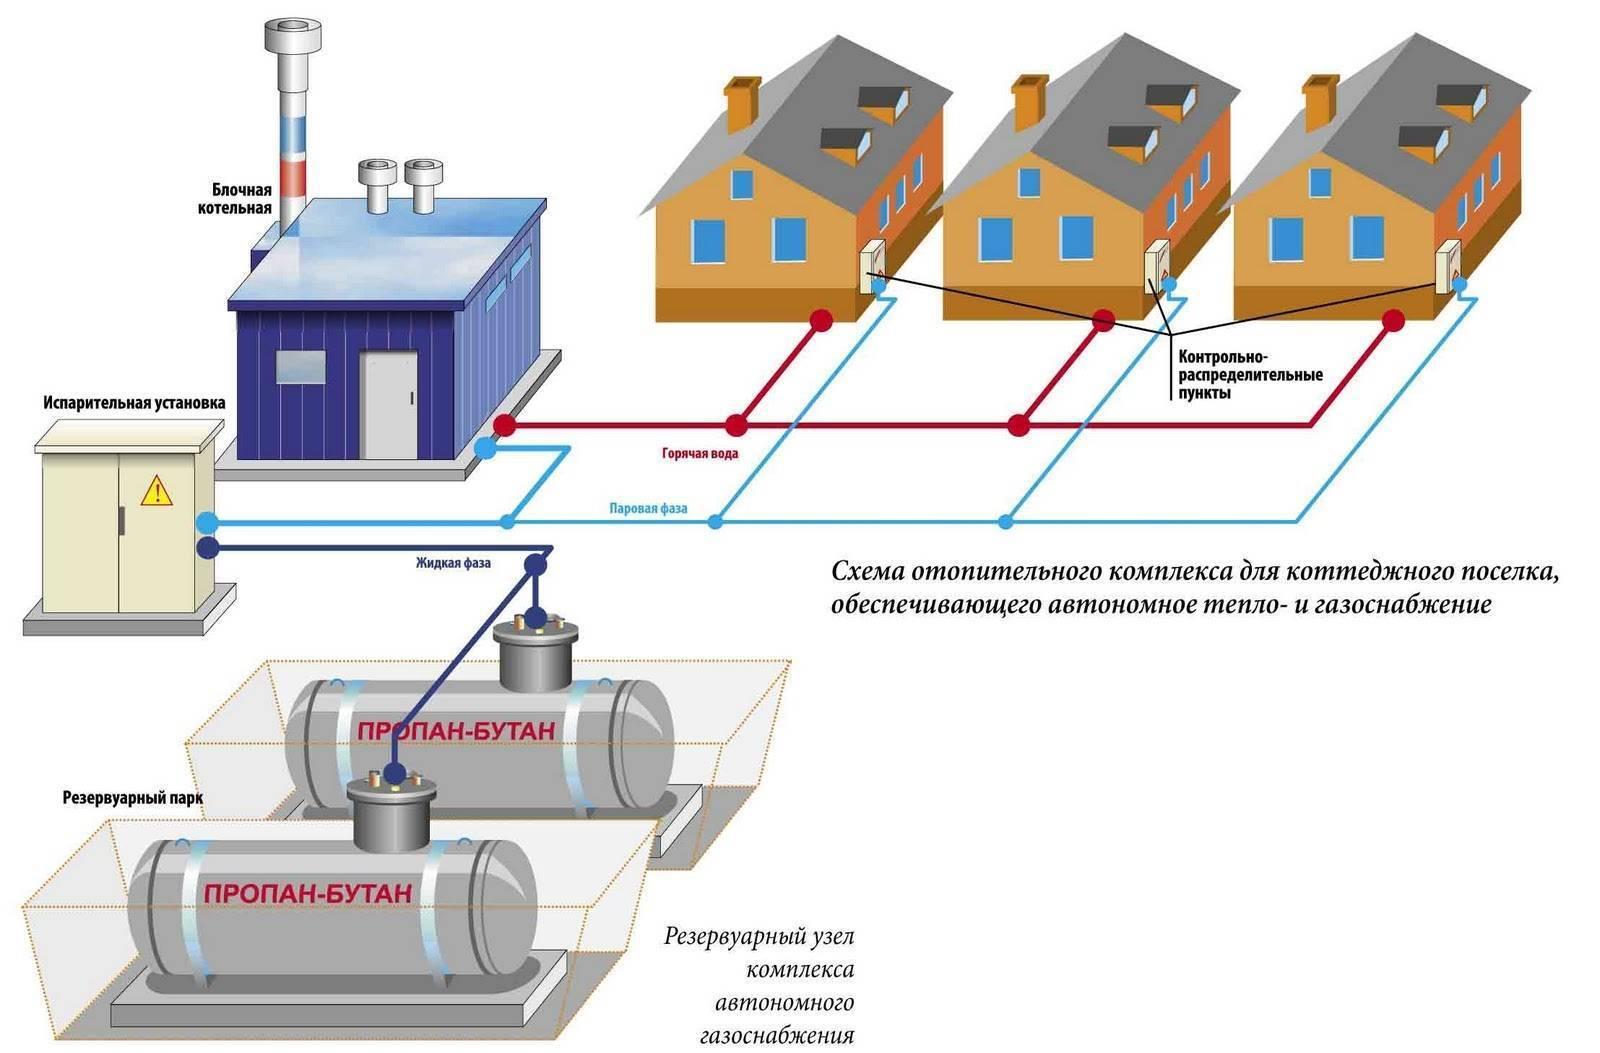 Схема системы отопления в многоквартирном доме: виды подключения в мкд, внутридомовая разводка